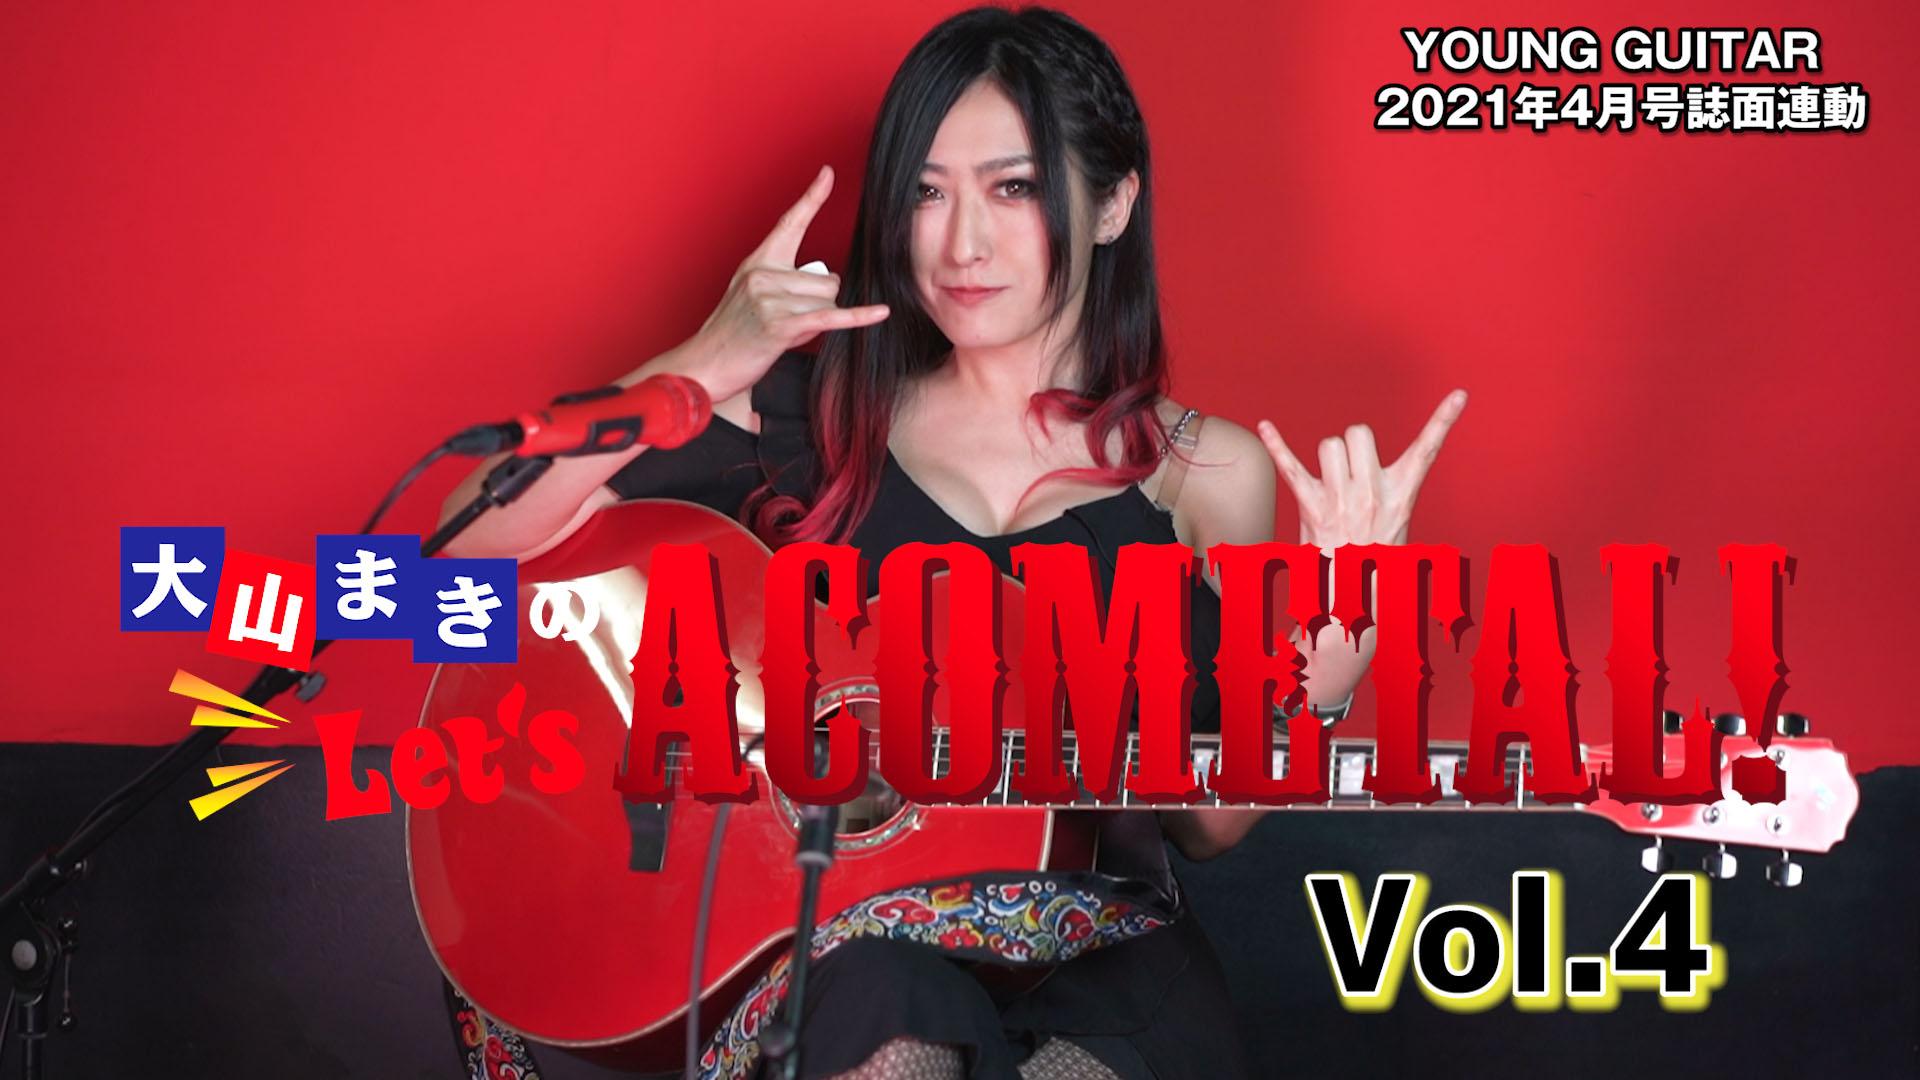 ディープ・パープル風にハード・ロック!  大山まき『Let's ACOMETAL!』Vol.4